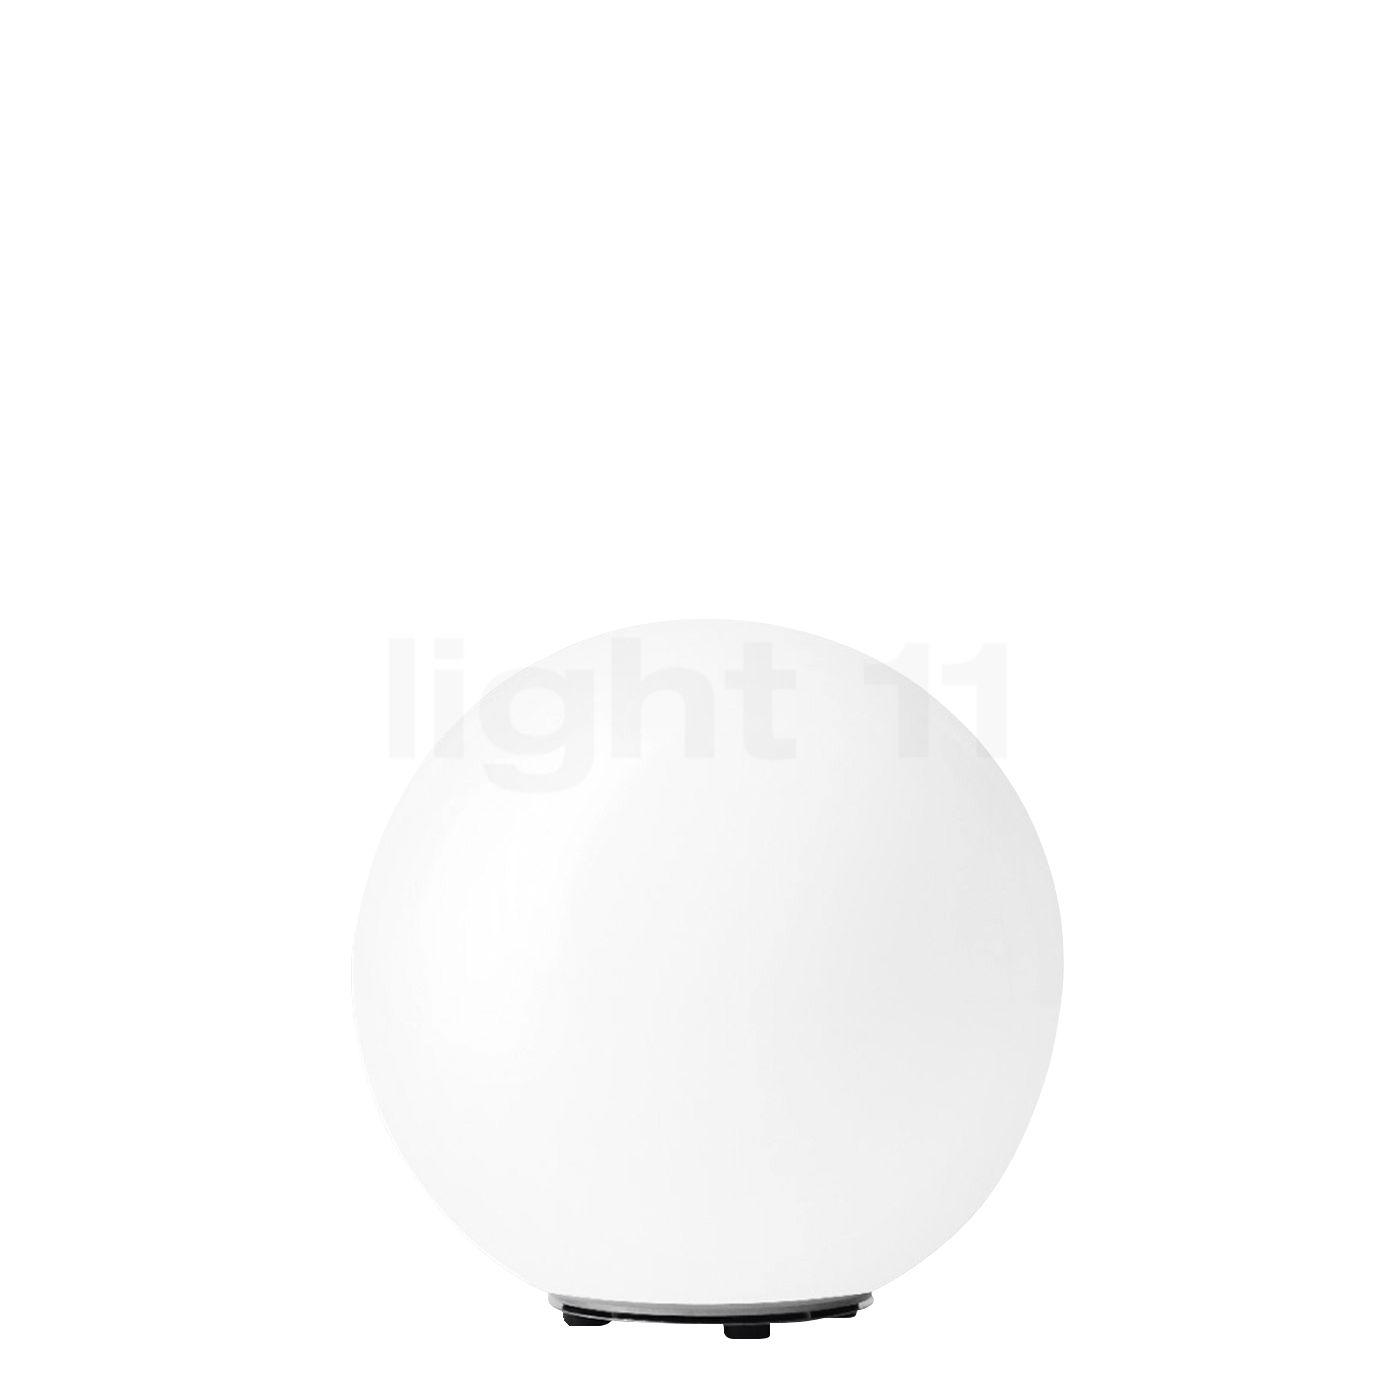 Bega 55014 - flexible Gartenleuchte ø45 cm, weiß